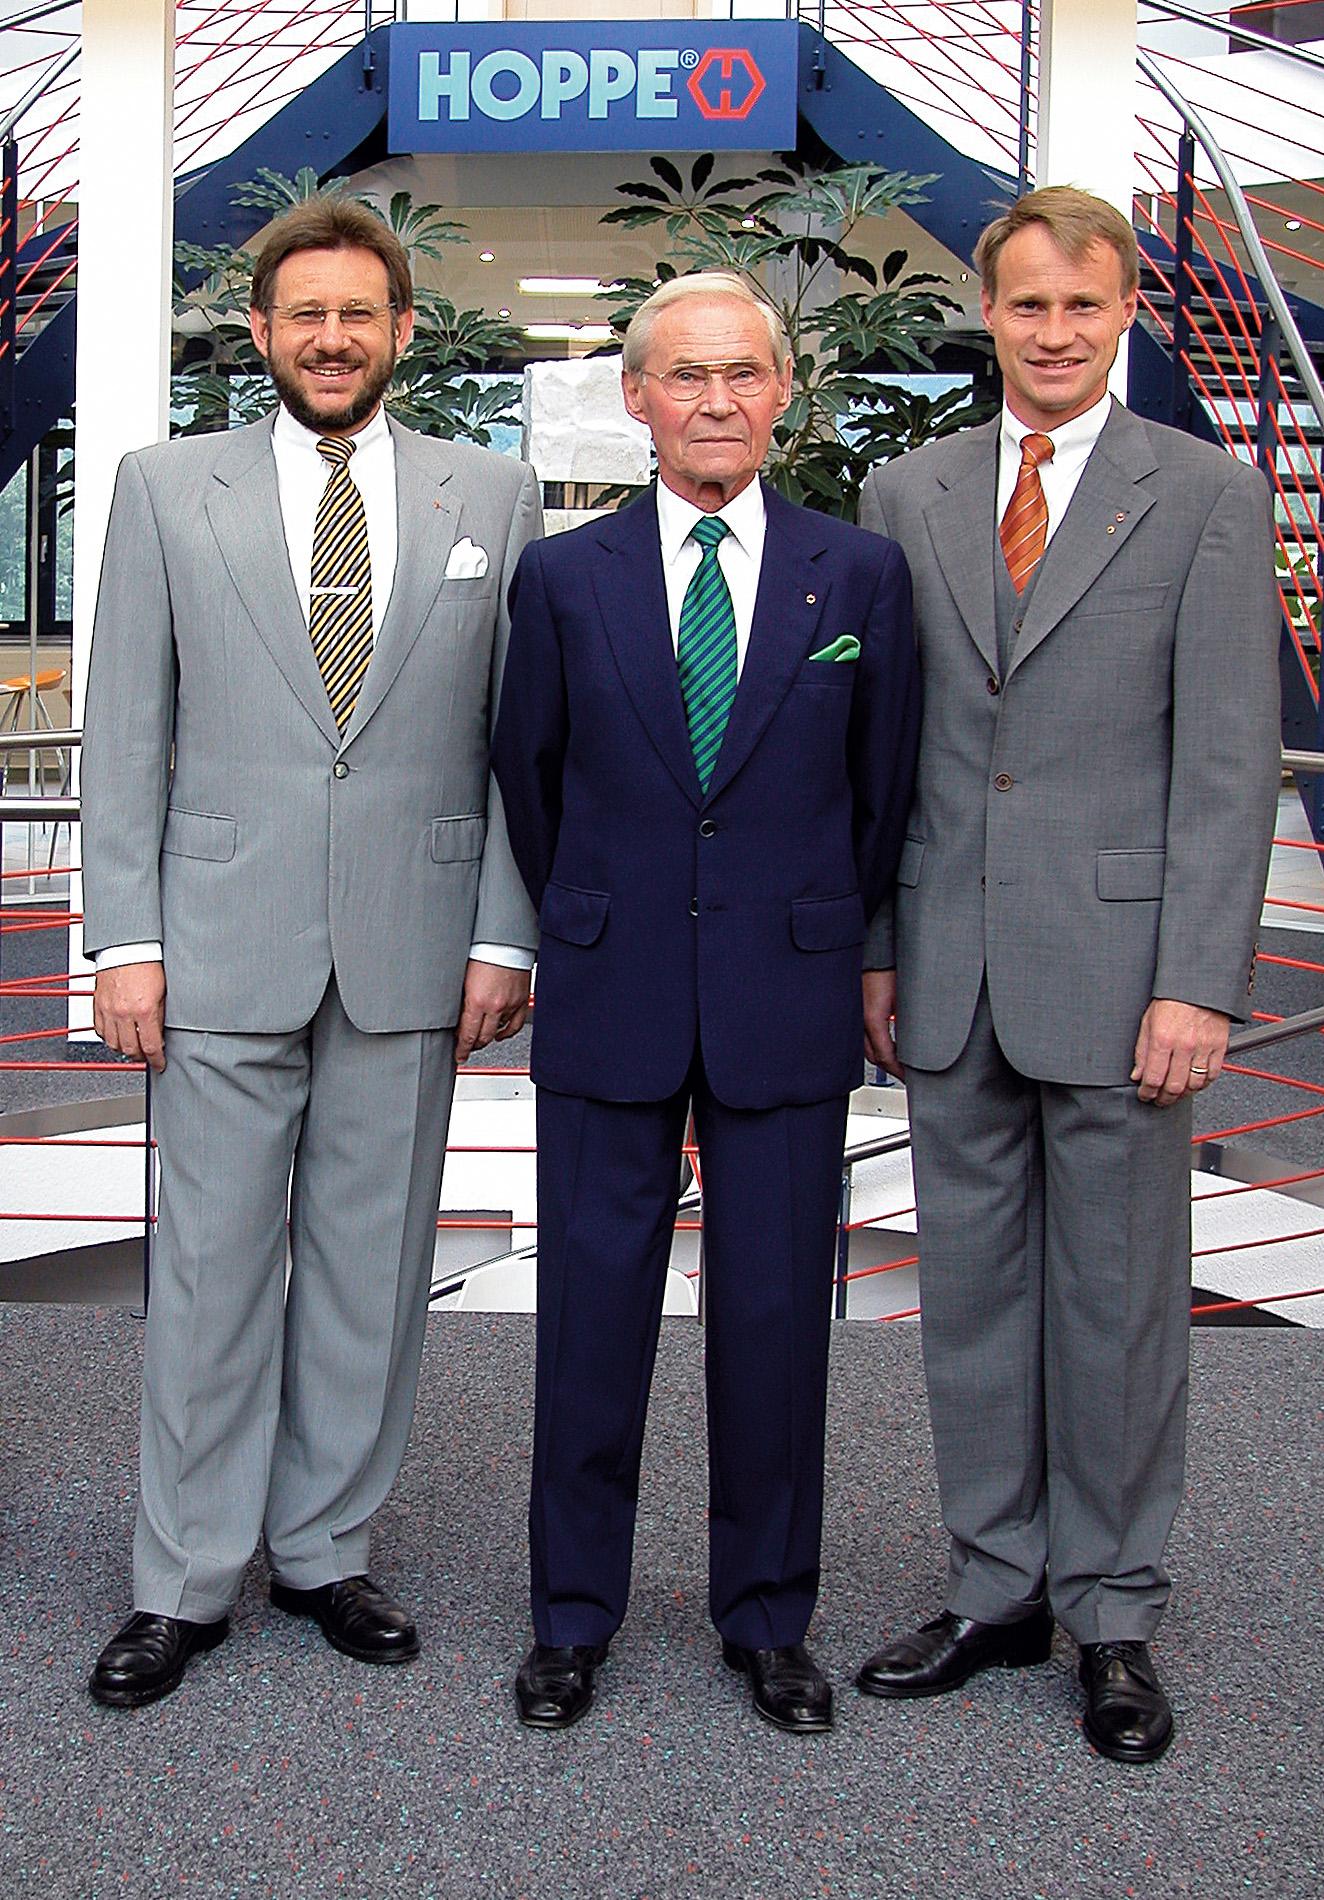 2002: Friedrich Hoppe (en el centro) y sus hijos Wolf (izquierda) y Christoph Hoppe (derecha)